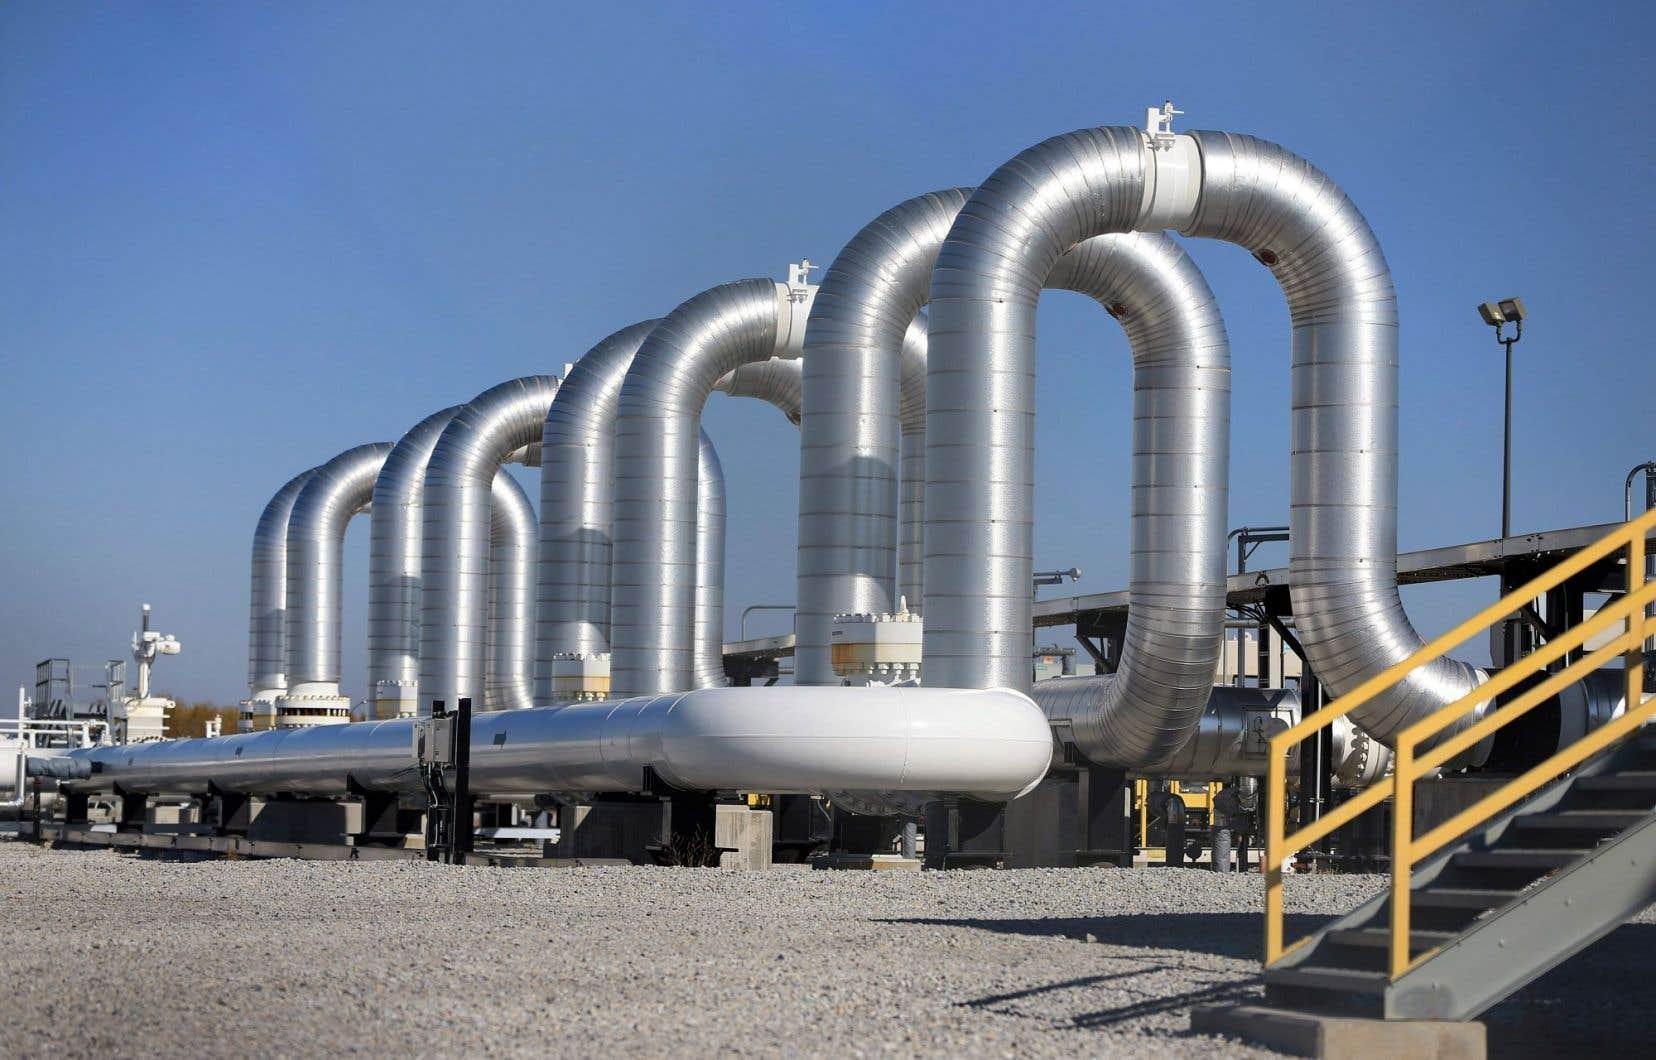 Le pipeline Keystone XL permettrait de transporter chaque jour 830 000 barils de pétrole des sables bitumineux de l'Alberta jusqu'aux raffineries du Texas.